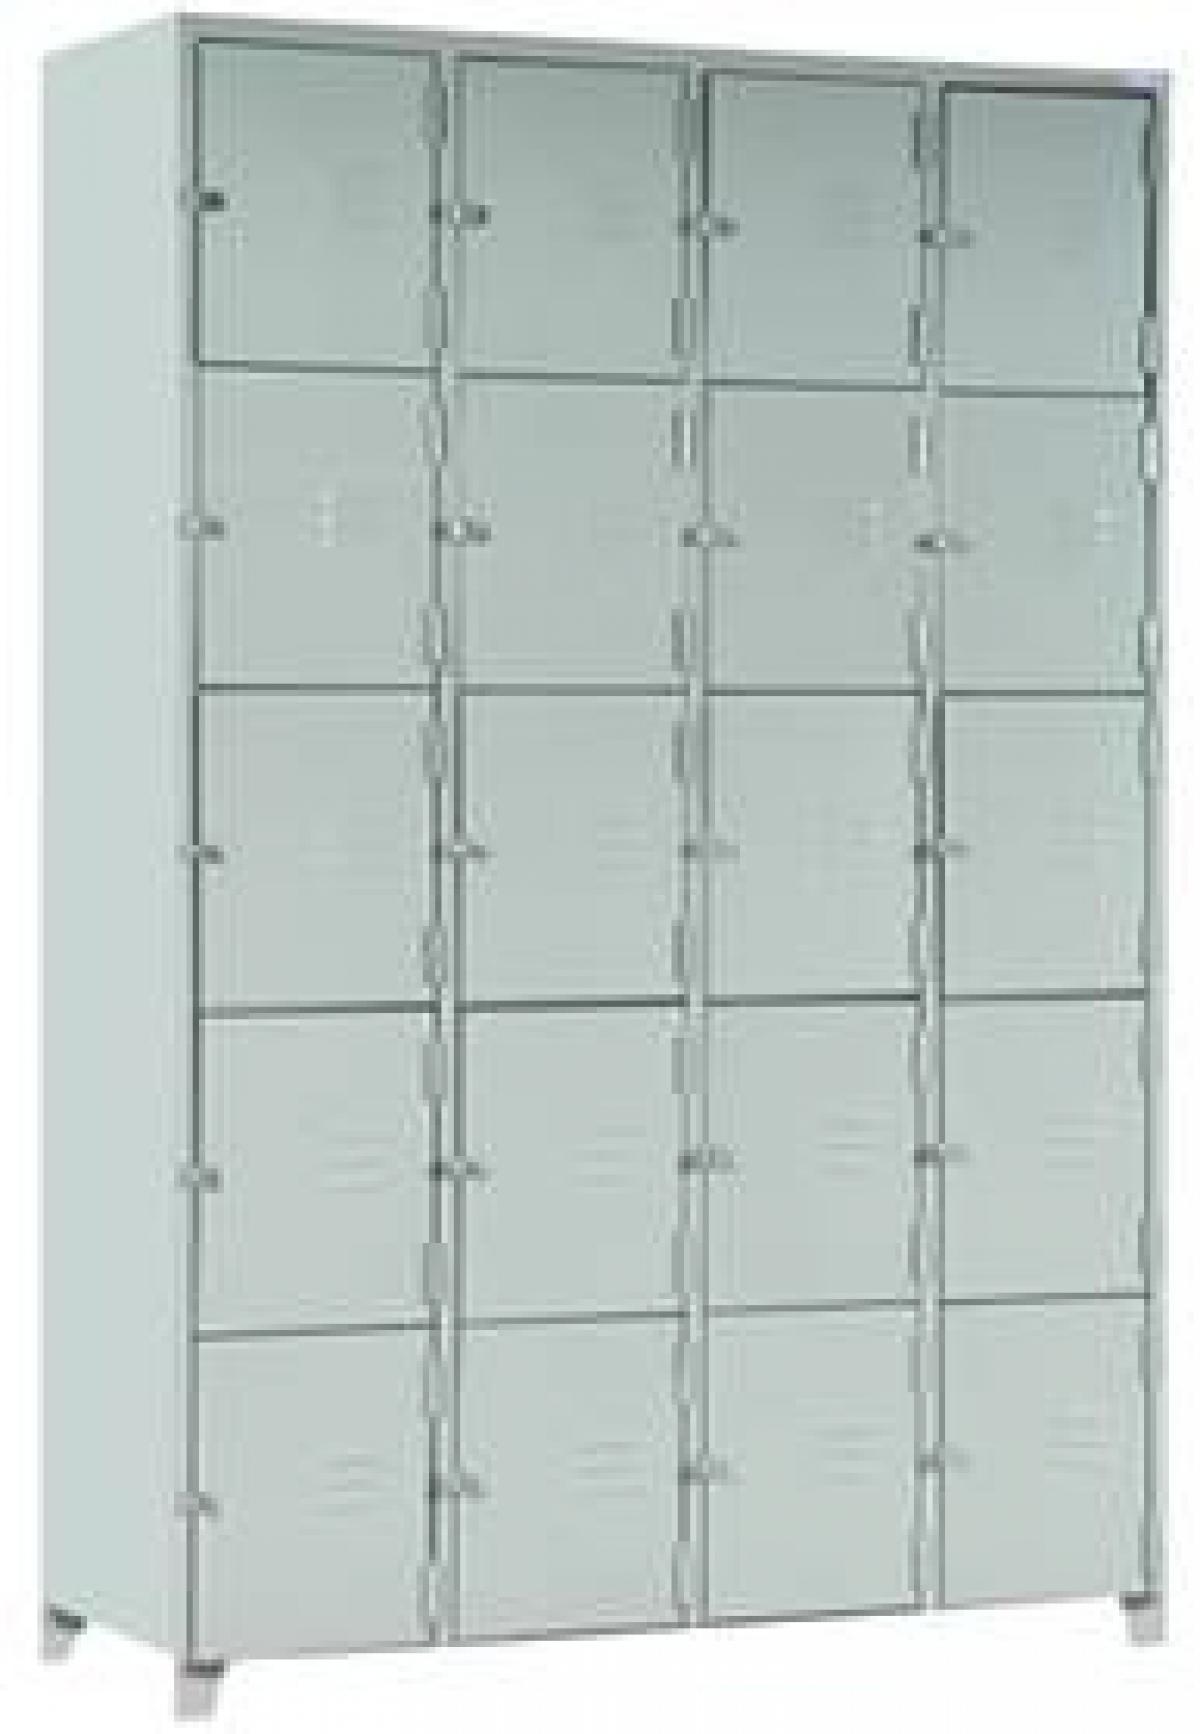 AÇO-13 -197x123x040 Roupeiro Para Vestiario De Aço Com 20 Portas Pequenas Com Pitão Para Cadeado